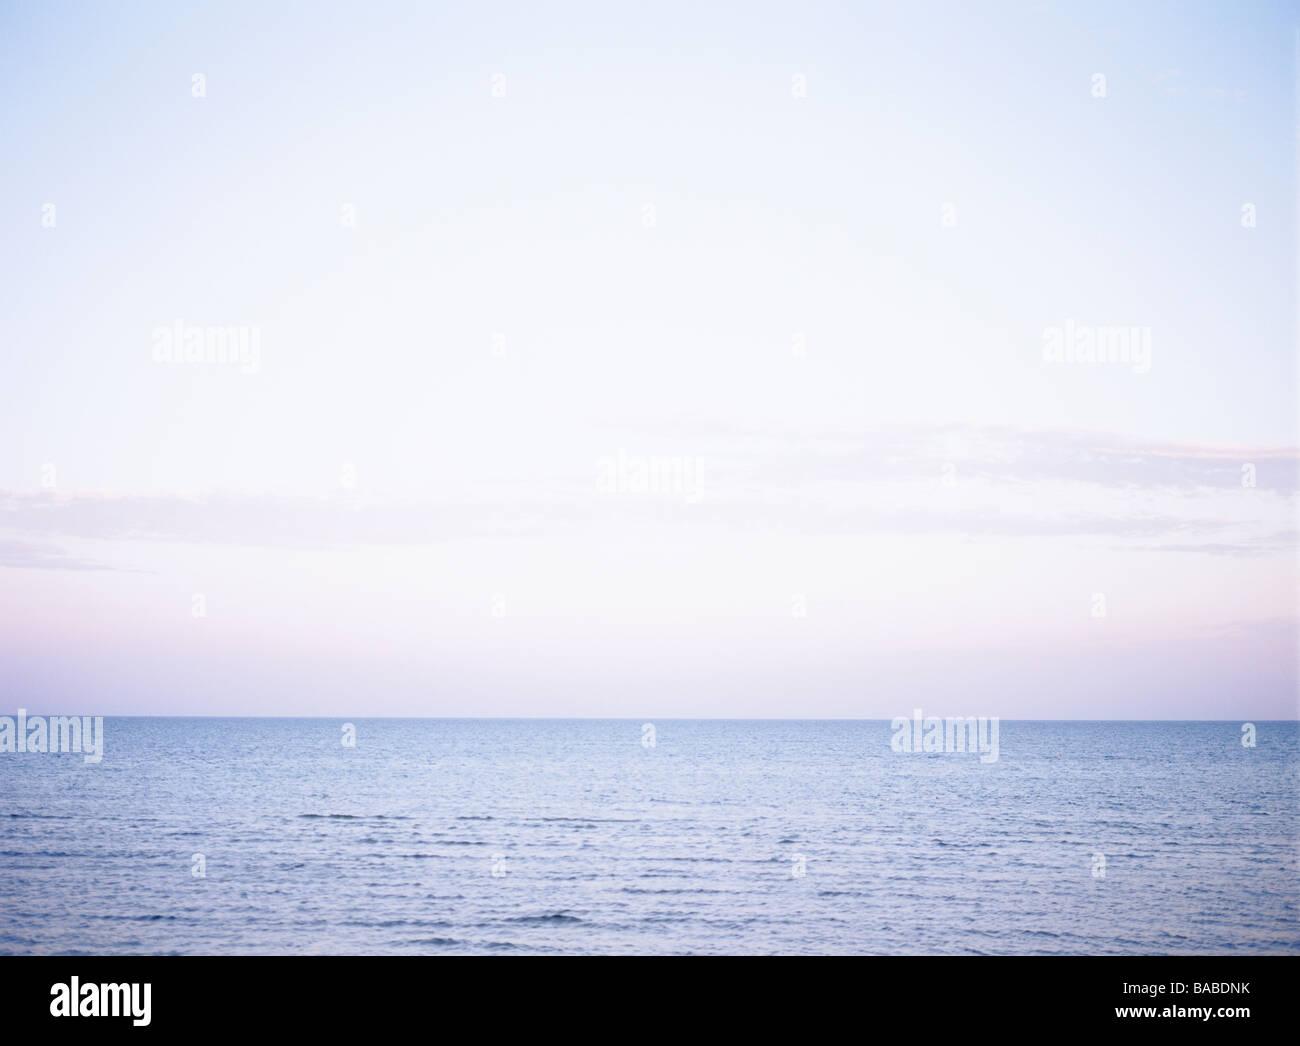 Heaven and ocean Sweden - Stock Image